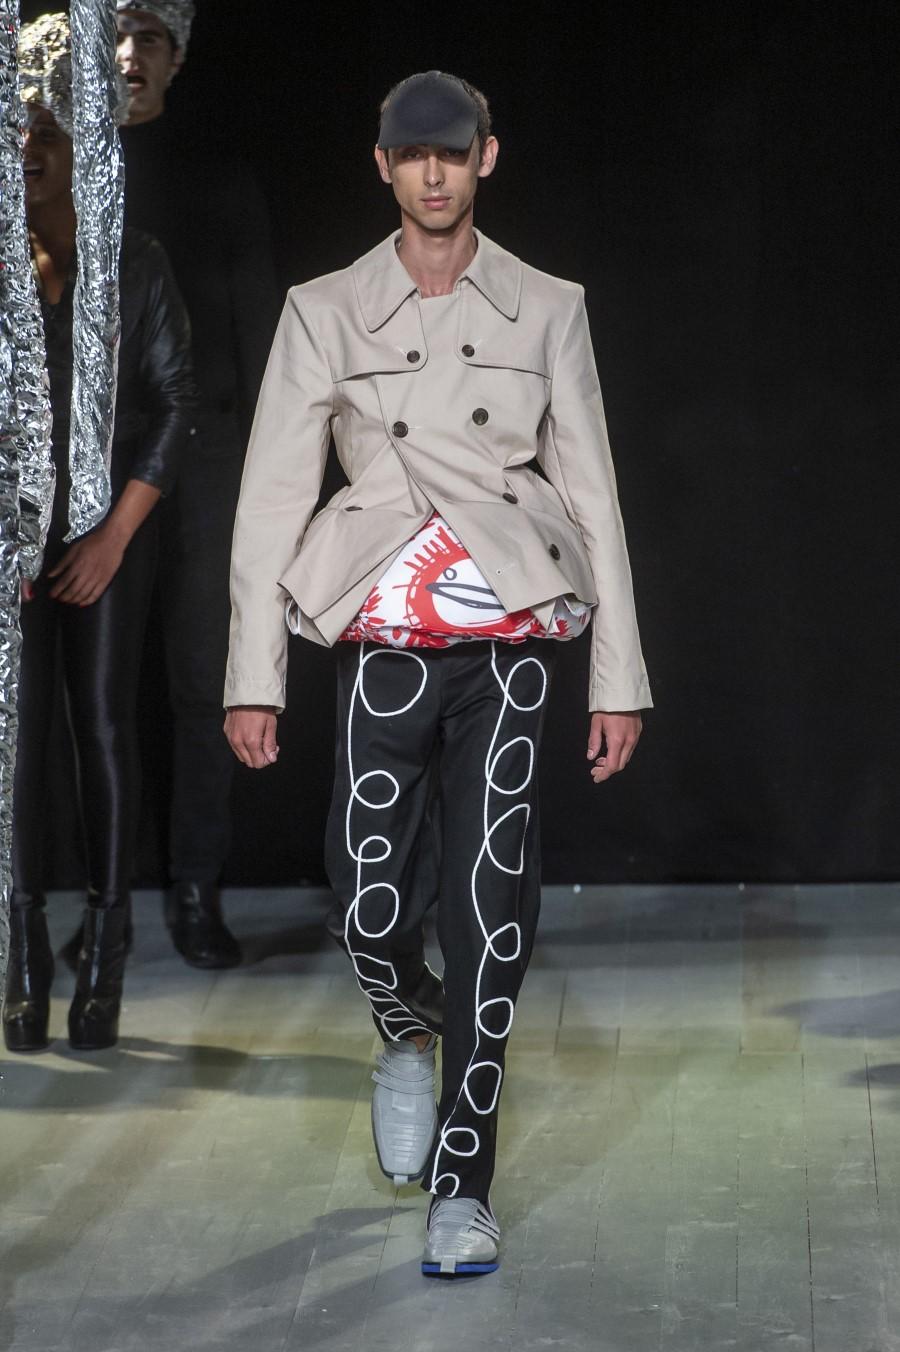 Charles Jeffrey LOVERBOY Printemps/Été 2019 – London Fashion Week Men's